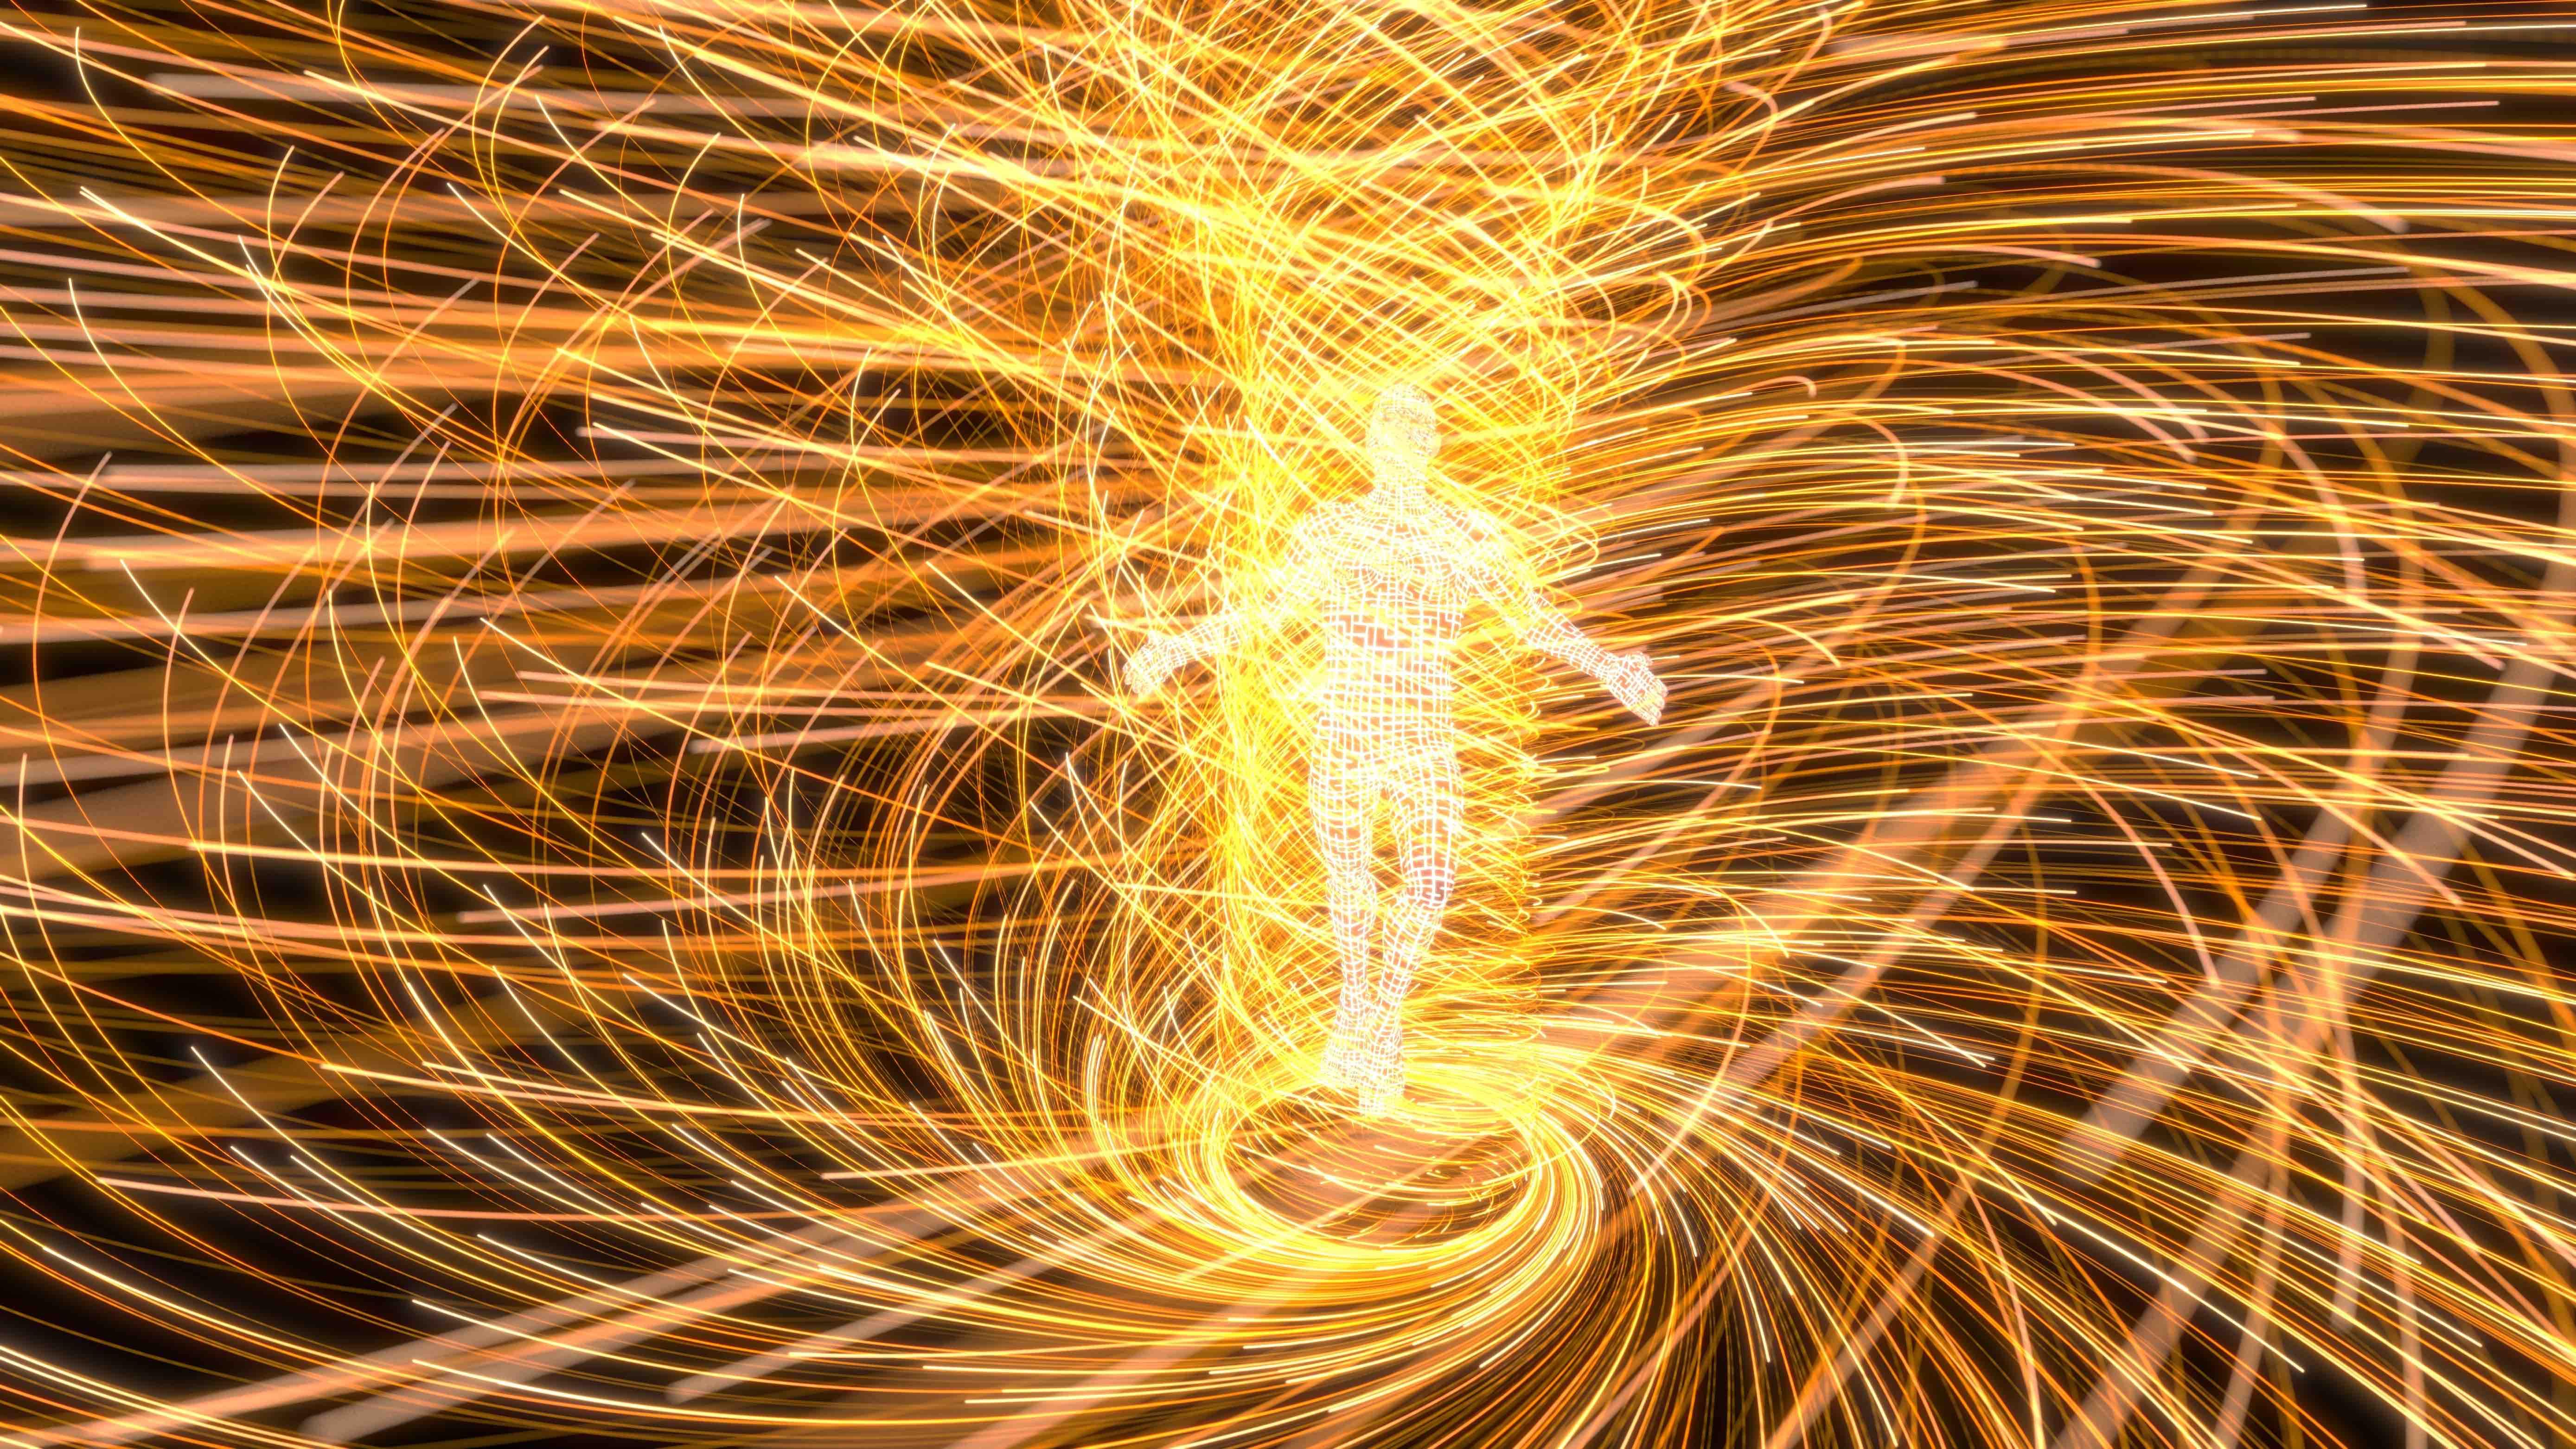 Soin LaHoChi Magnétisme Reiki Thérapies Quantiques & Vibratoires